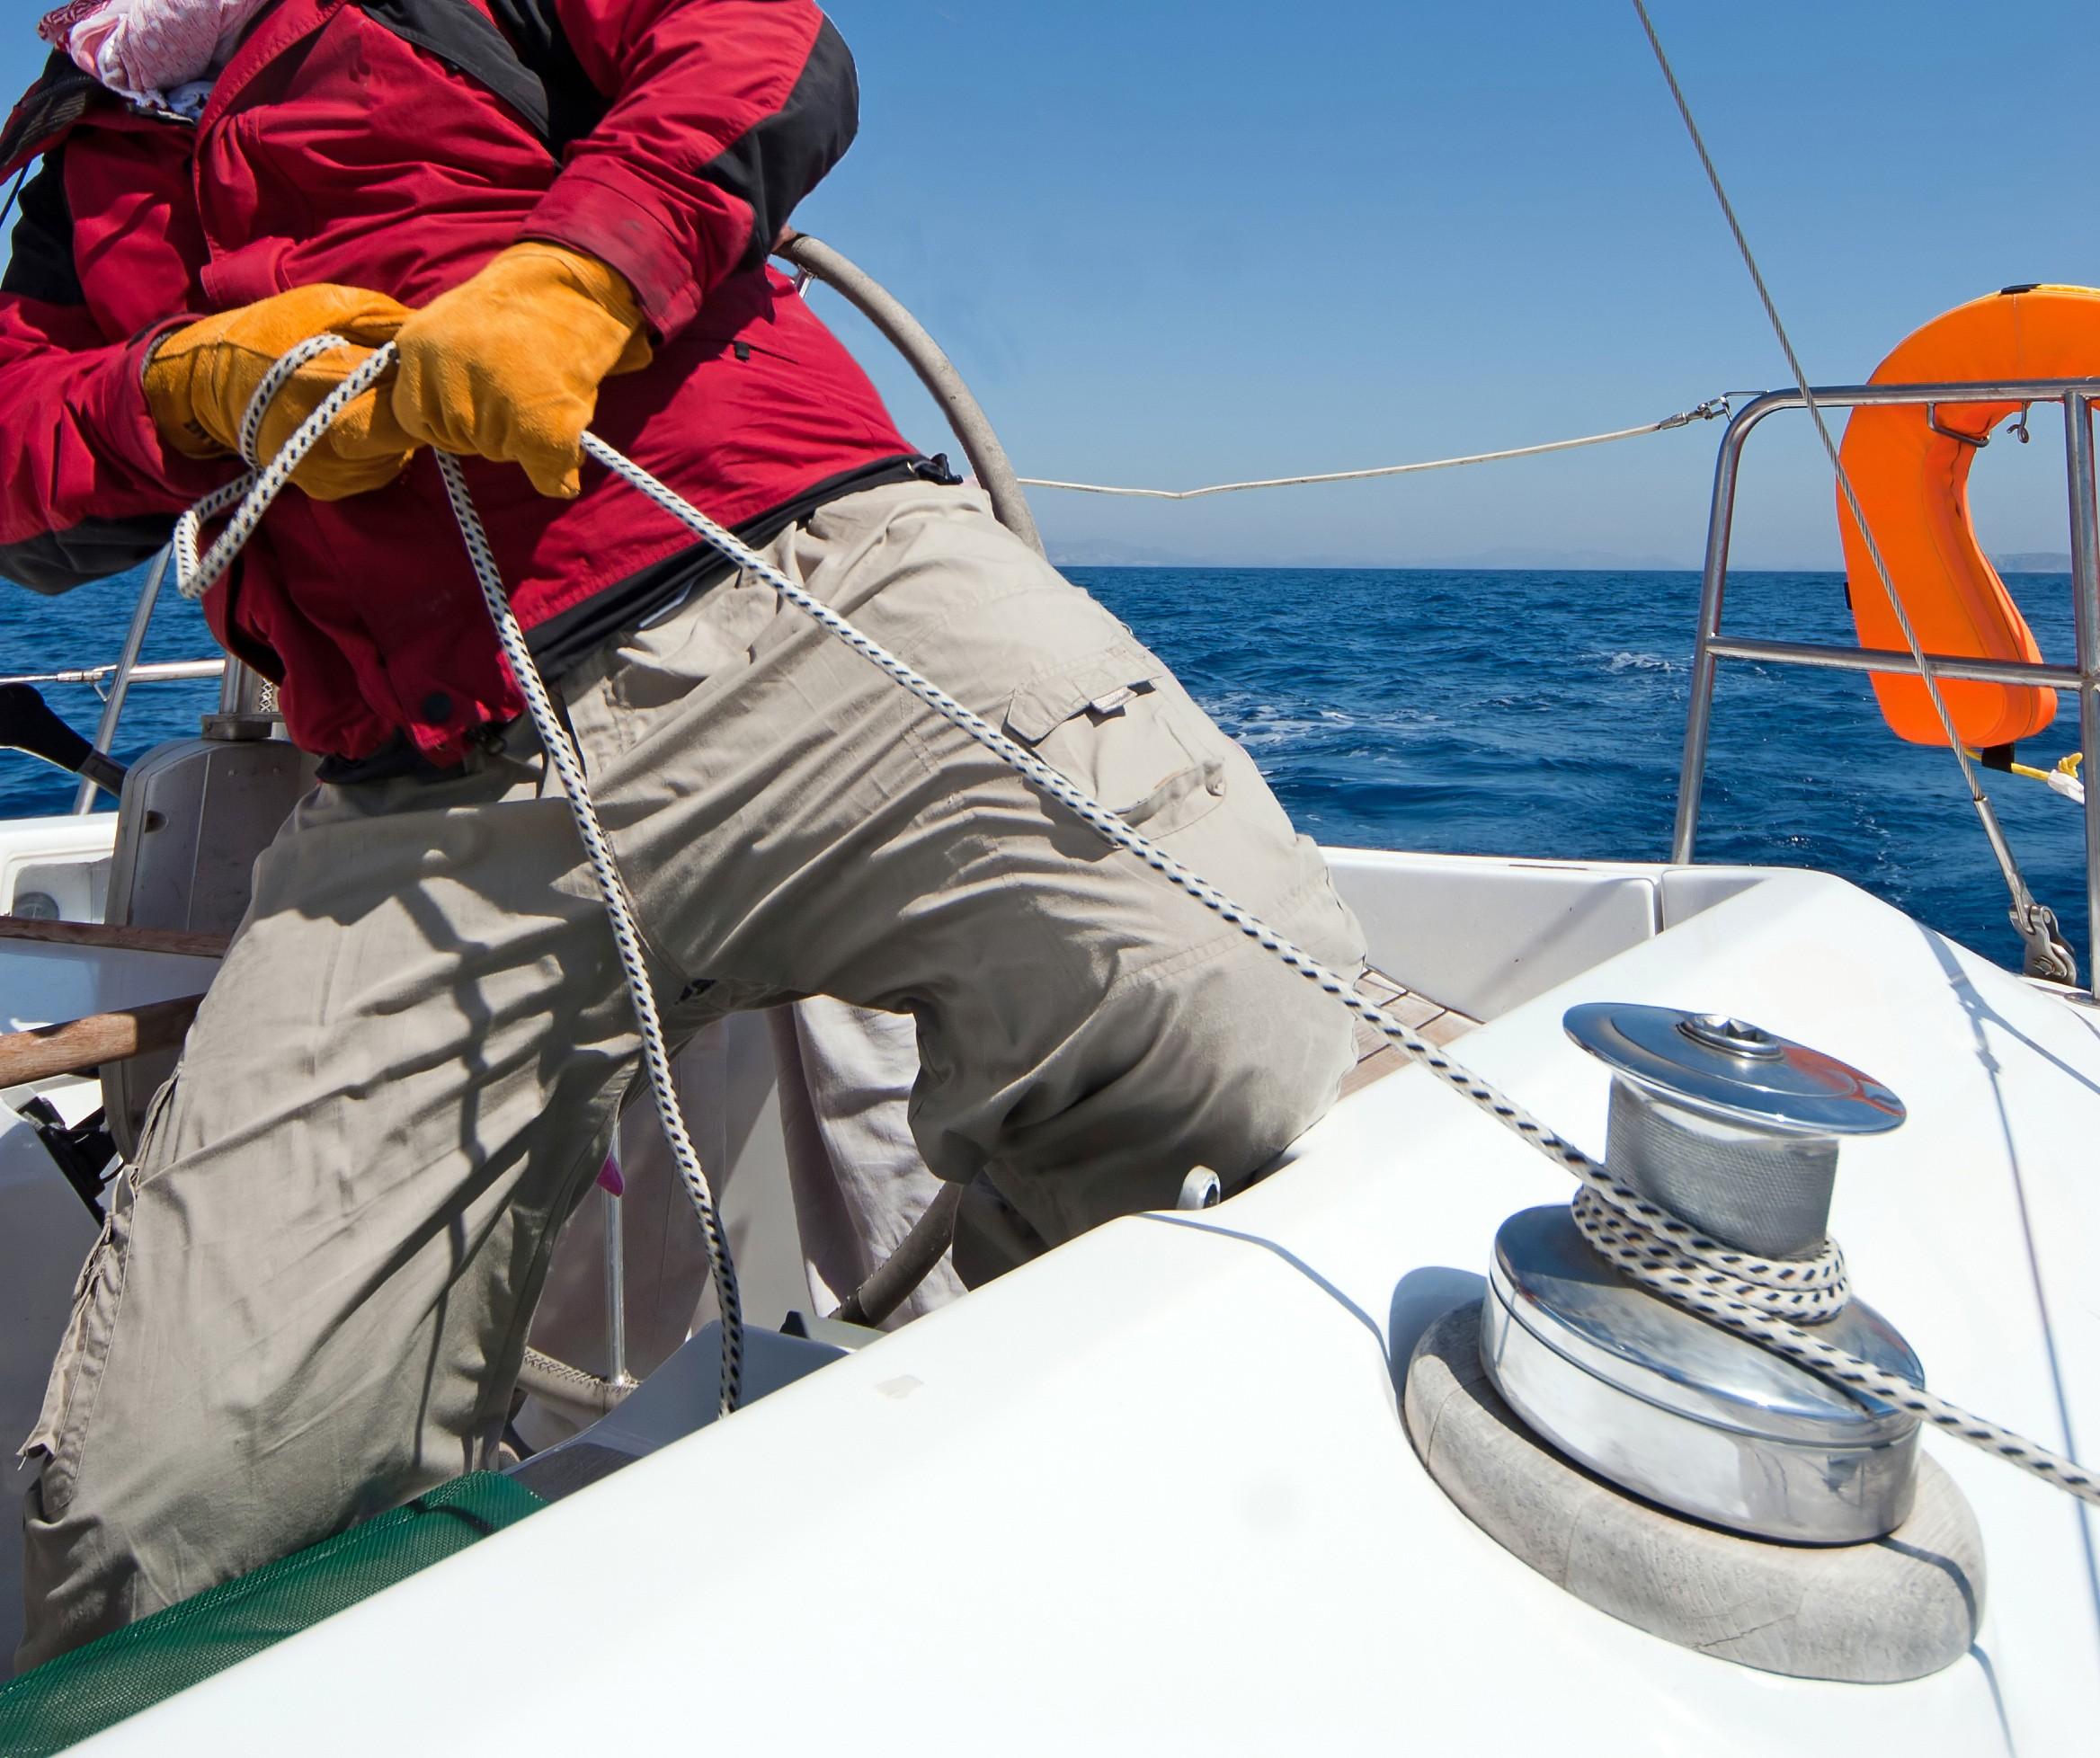 skipper-sailing-yacht-boat-ropes-sea